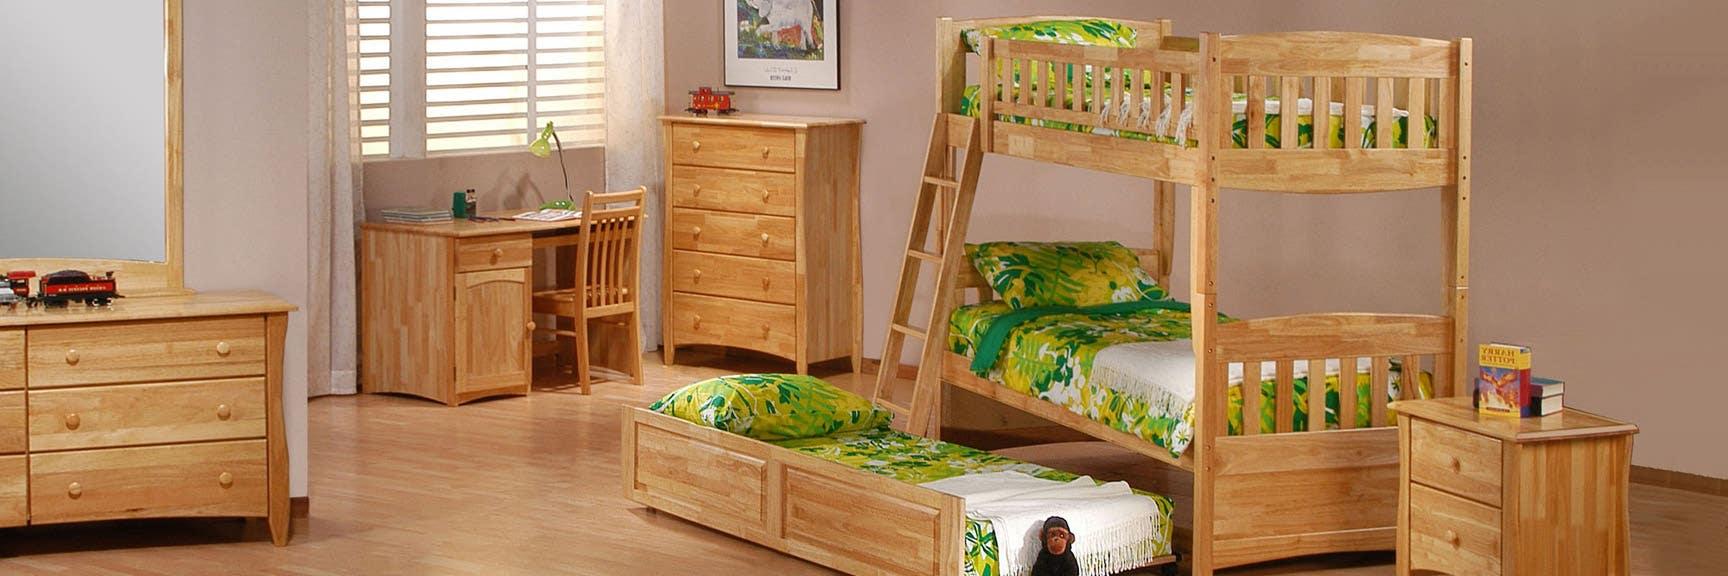 Kids Bunk Beds Futon Bunk Bed Wood Loft Beds The Futon Shop